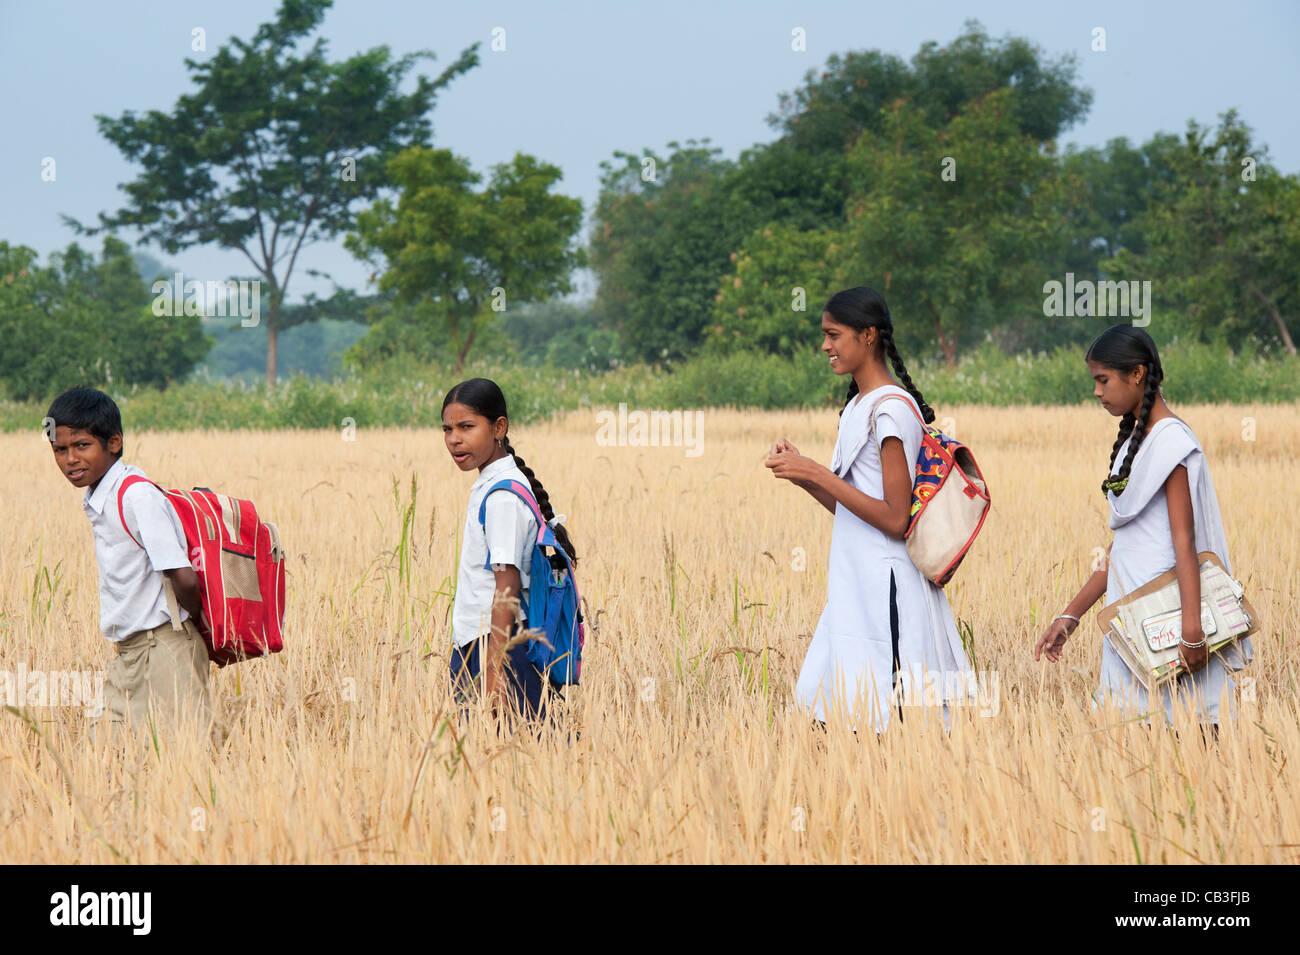 Los niños indios caminando a la escuela a través de campos de arroz maduro. En Andhra Pradesh, India Imagen De Stock